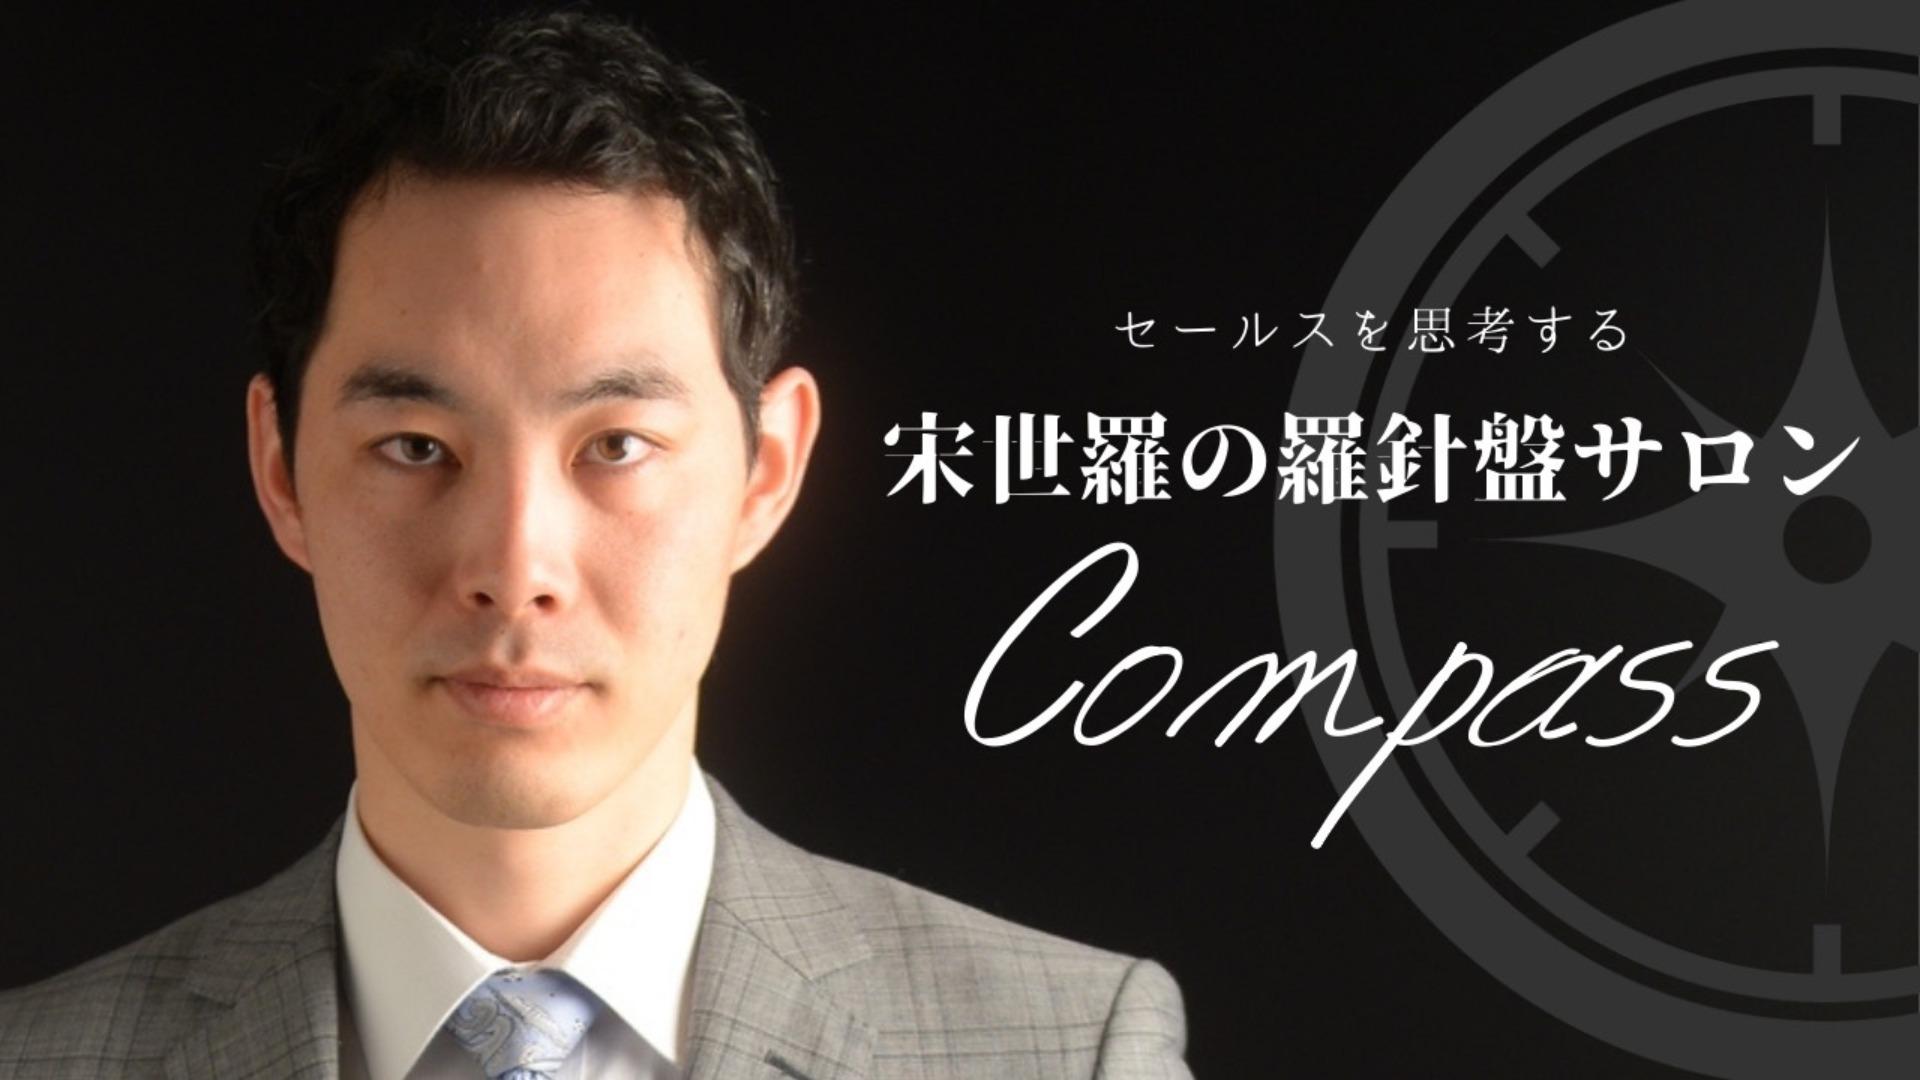 宋世羅 - 宋世羅の羅針盤サロン~Compass~ - DMM オンラインサロン